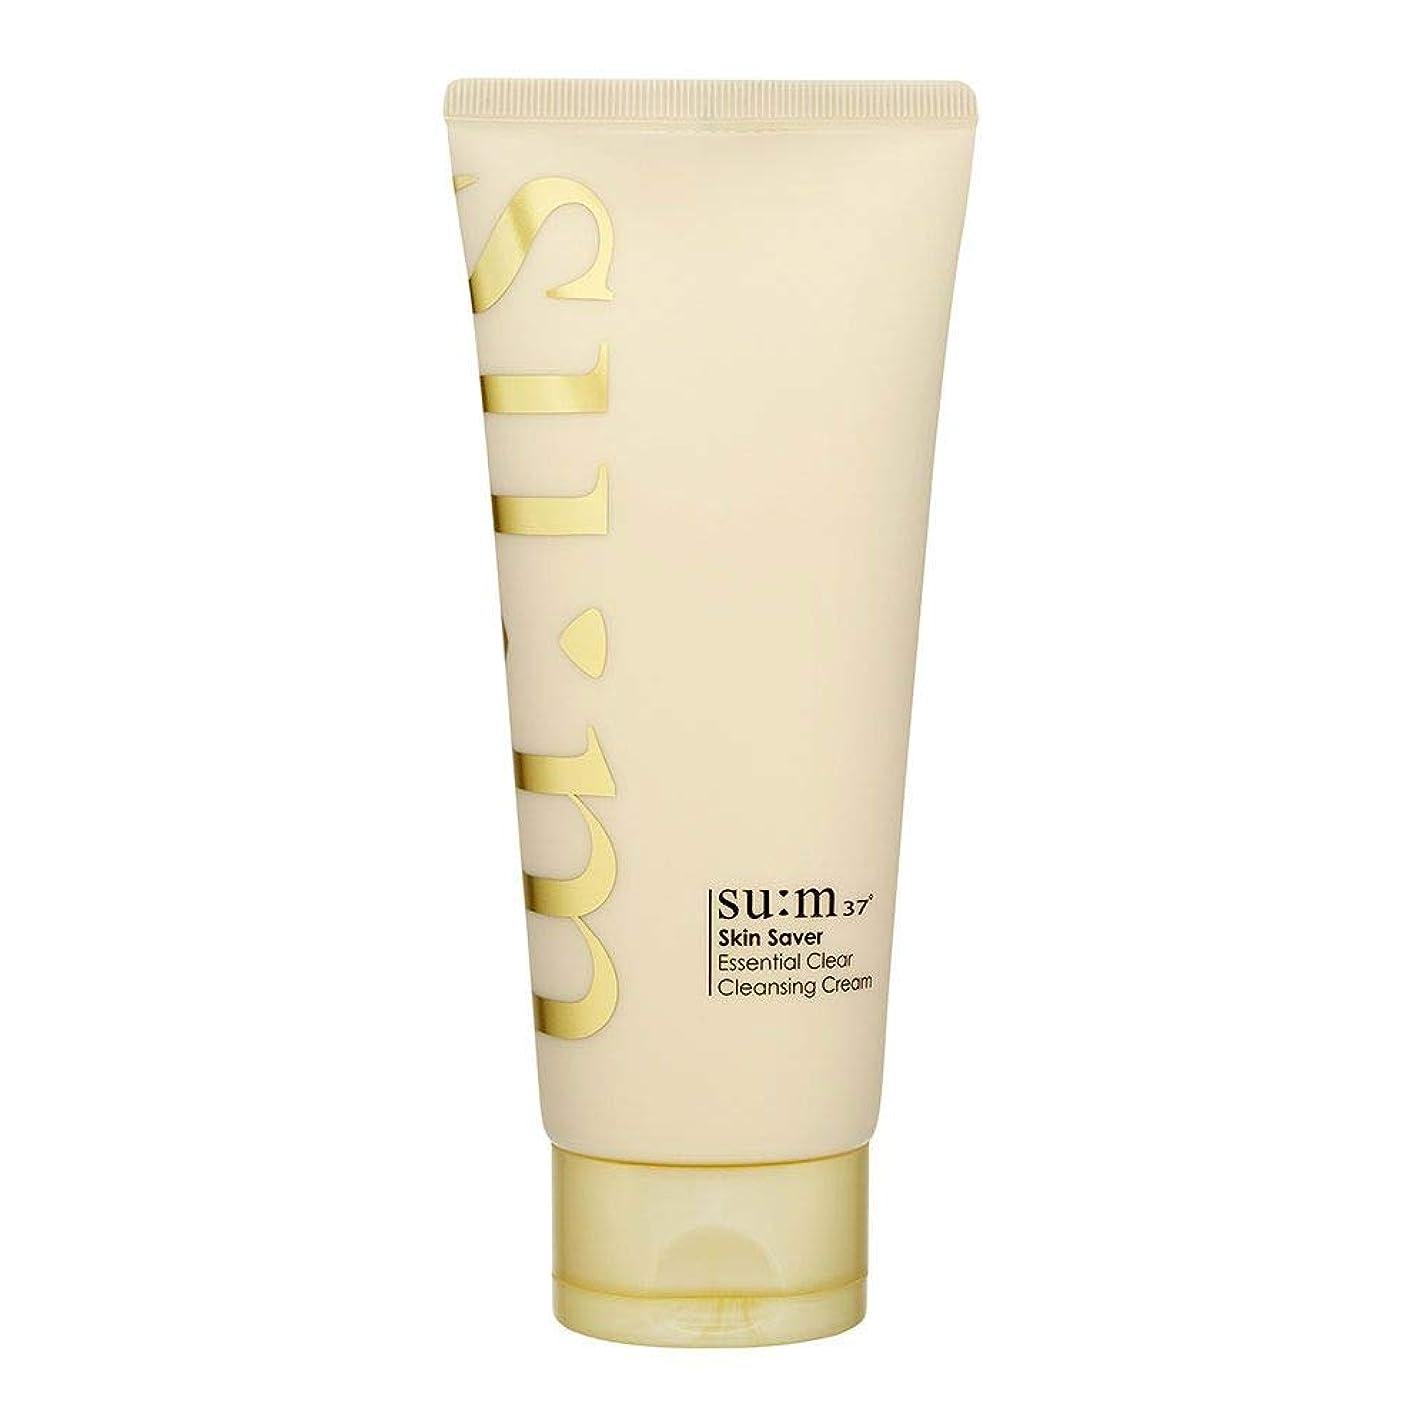 加速度アミューズメント真夜中[スム37°] Sum37° スキンセイバー エッセンシャルクリアクレンジングクリーム ?Skin saver Essential Clear Cleansing Cream (海外直送品) [並行輸入品]